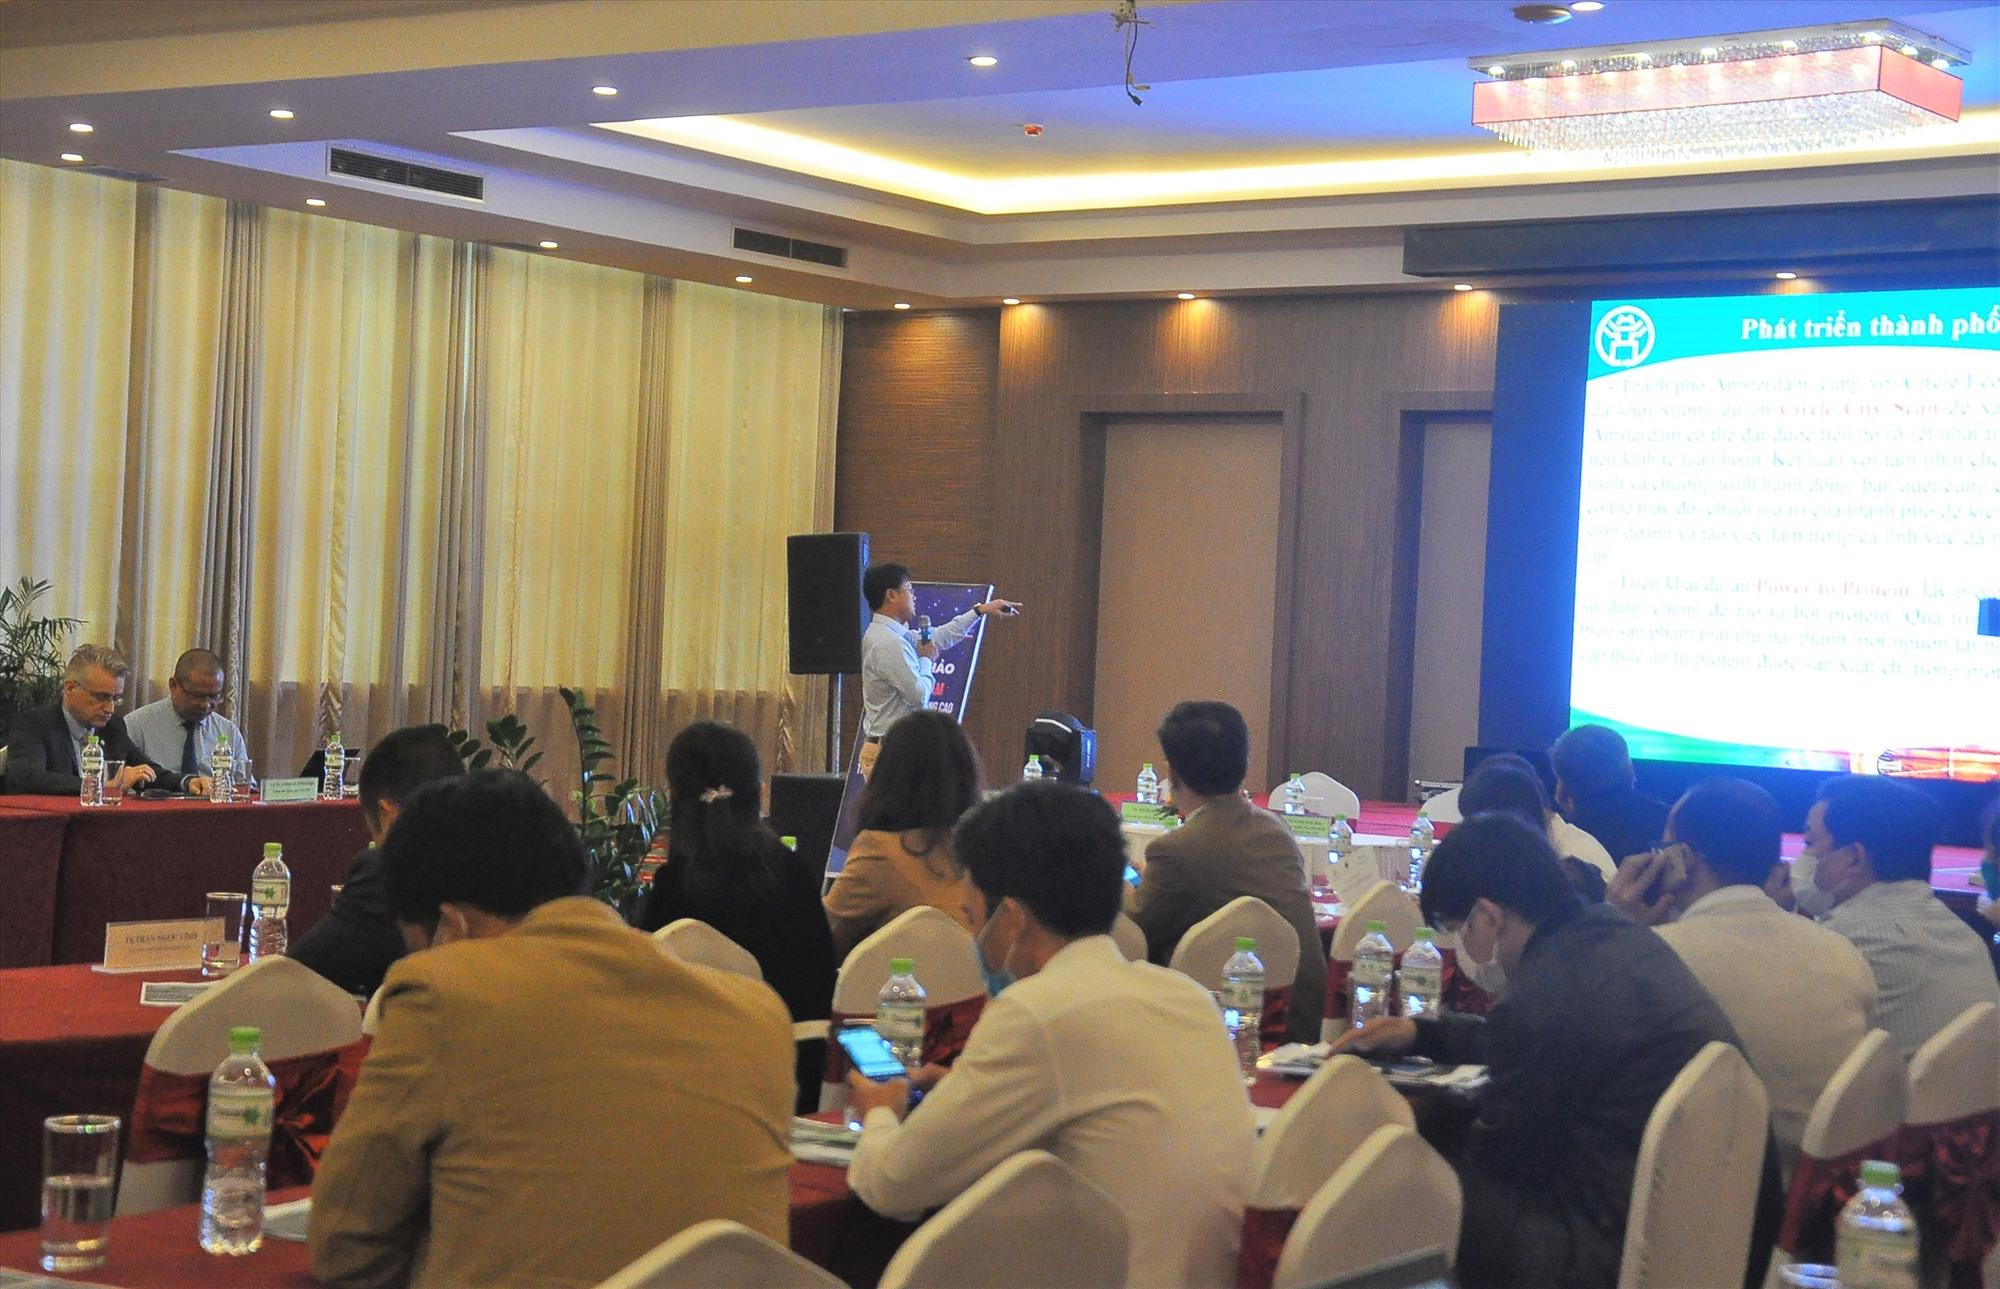 Đại biểu theo dõi tham luận của đại diện các cơ quan, địa phương về chủ đề đô thị thông minh. Ảnh: VINH ANH